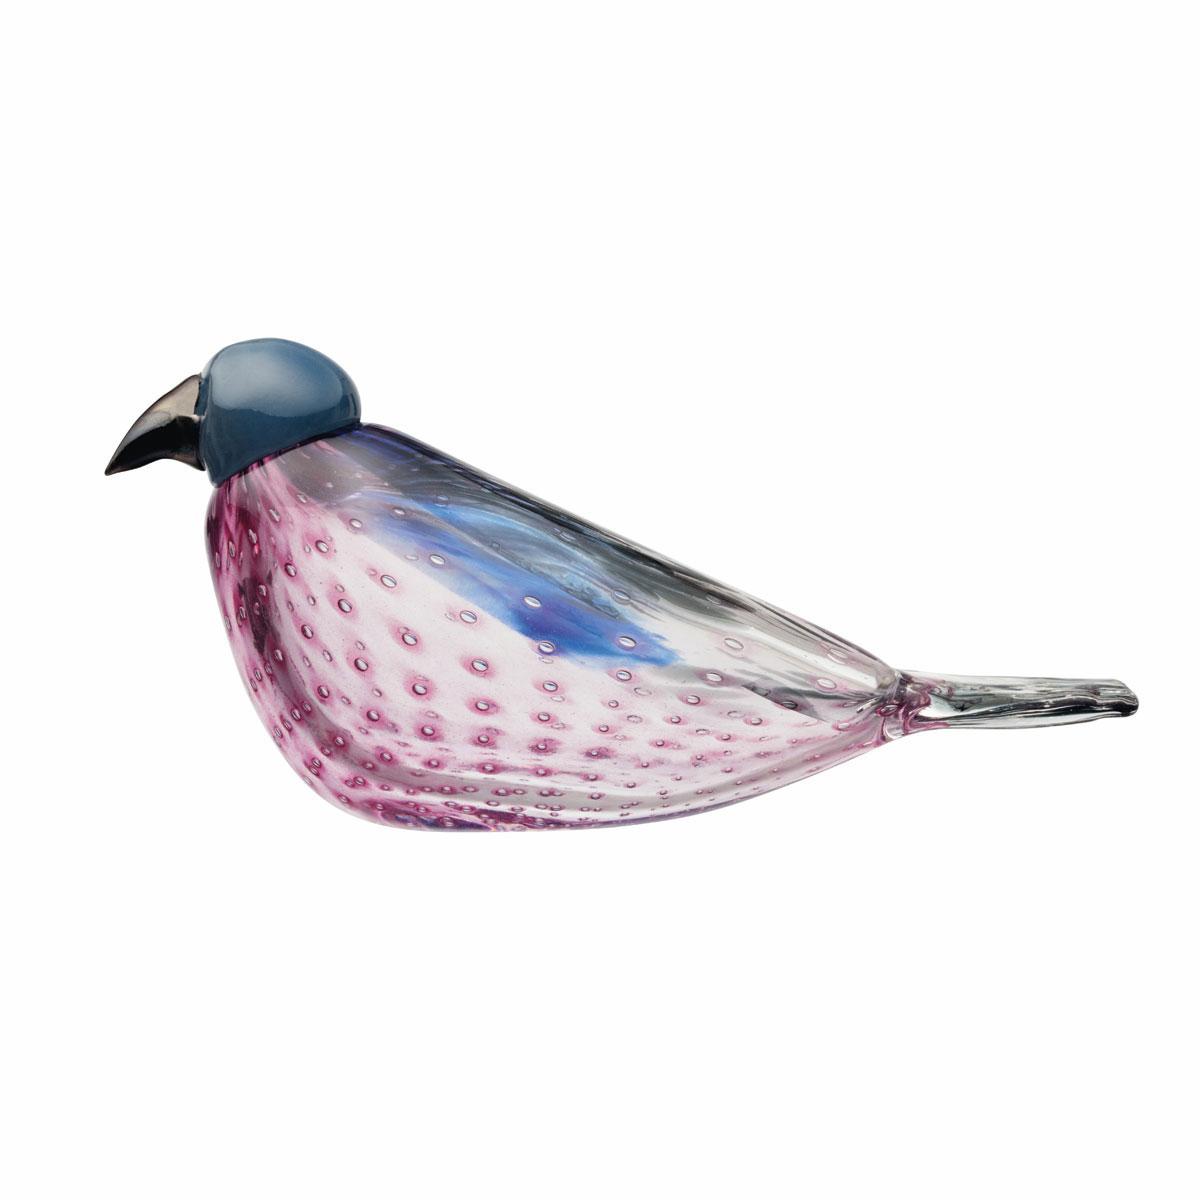 Iittala Toikka American Kestrel Bird